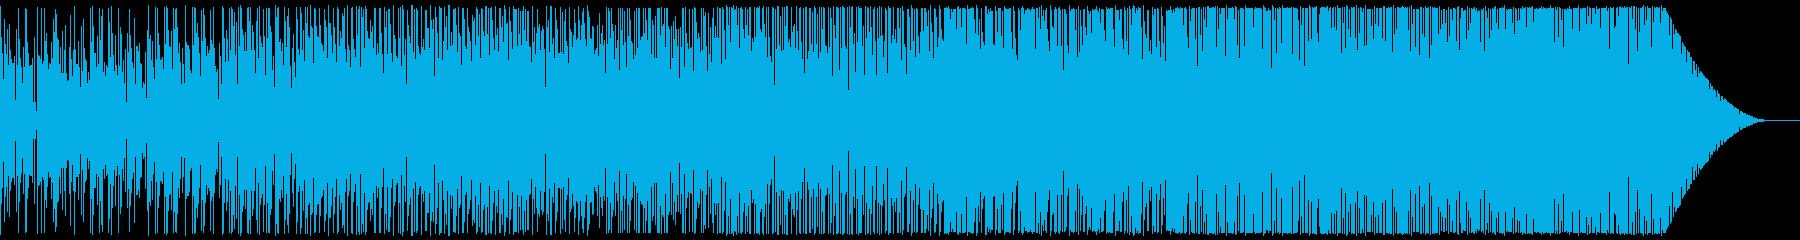 のほほんとした可愛い曲です。の再生済みの波形